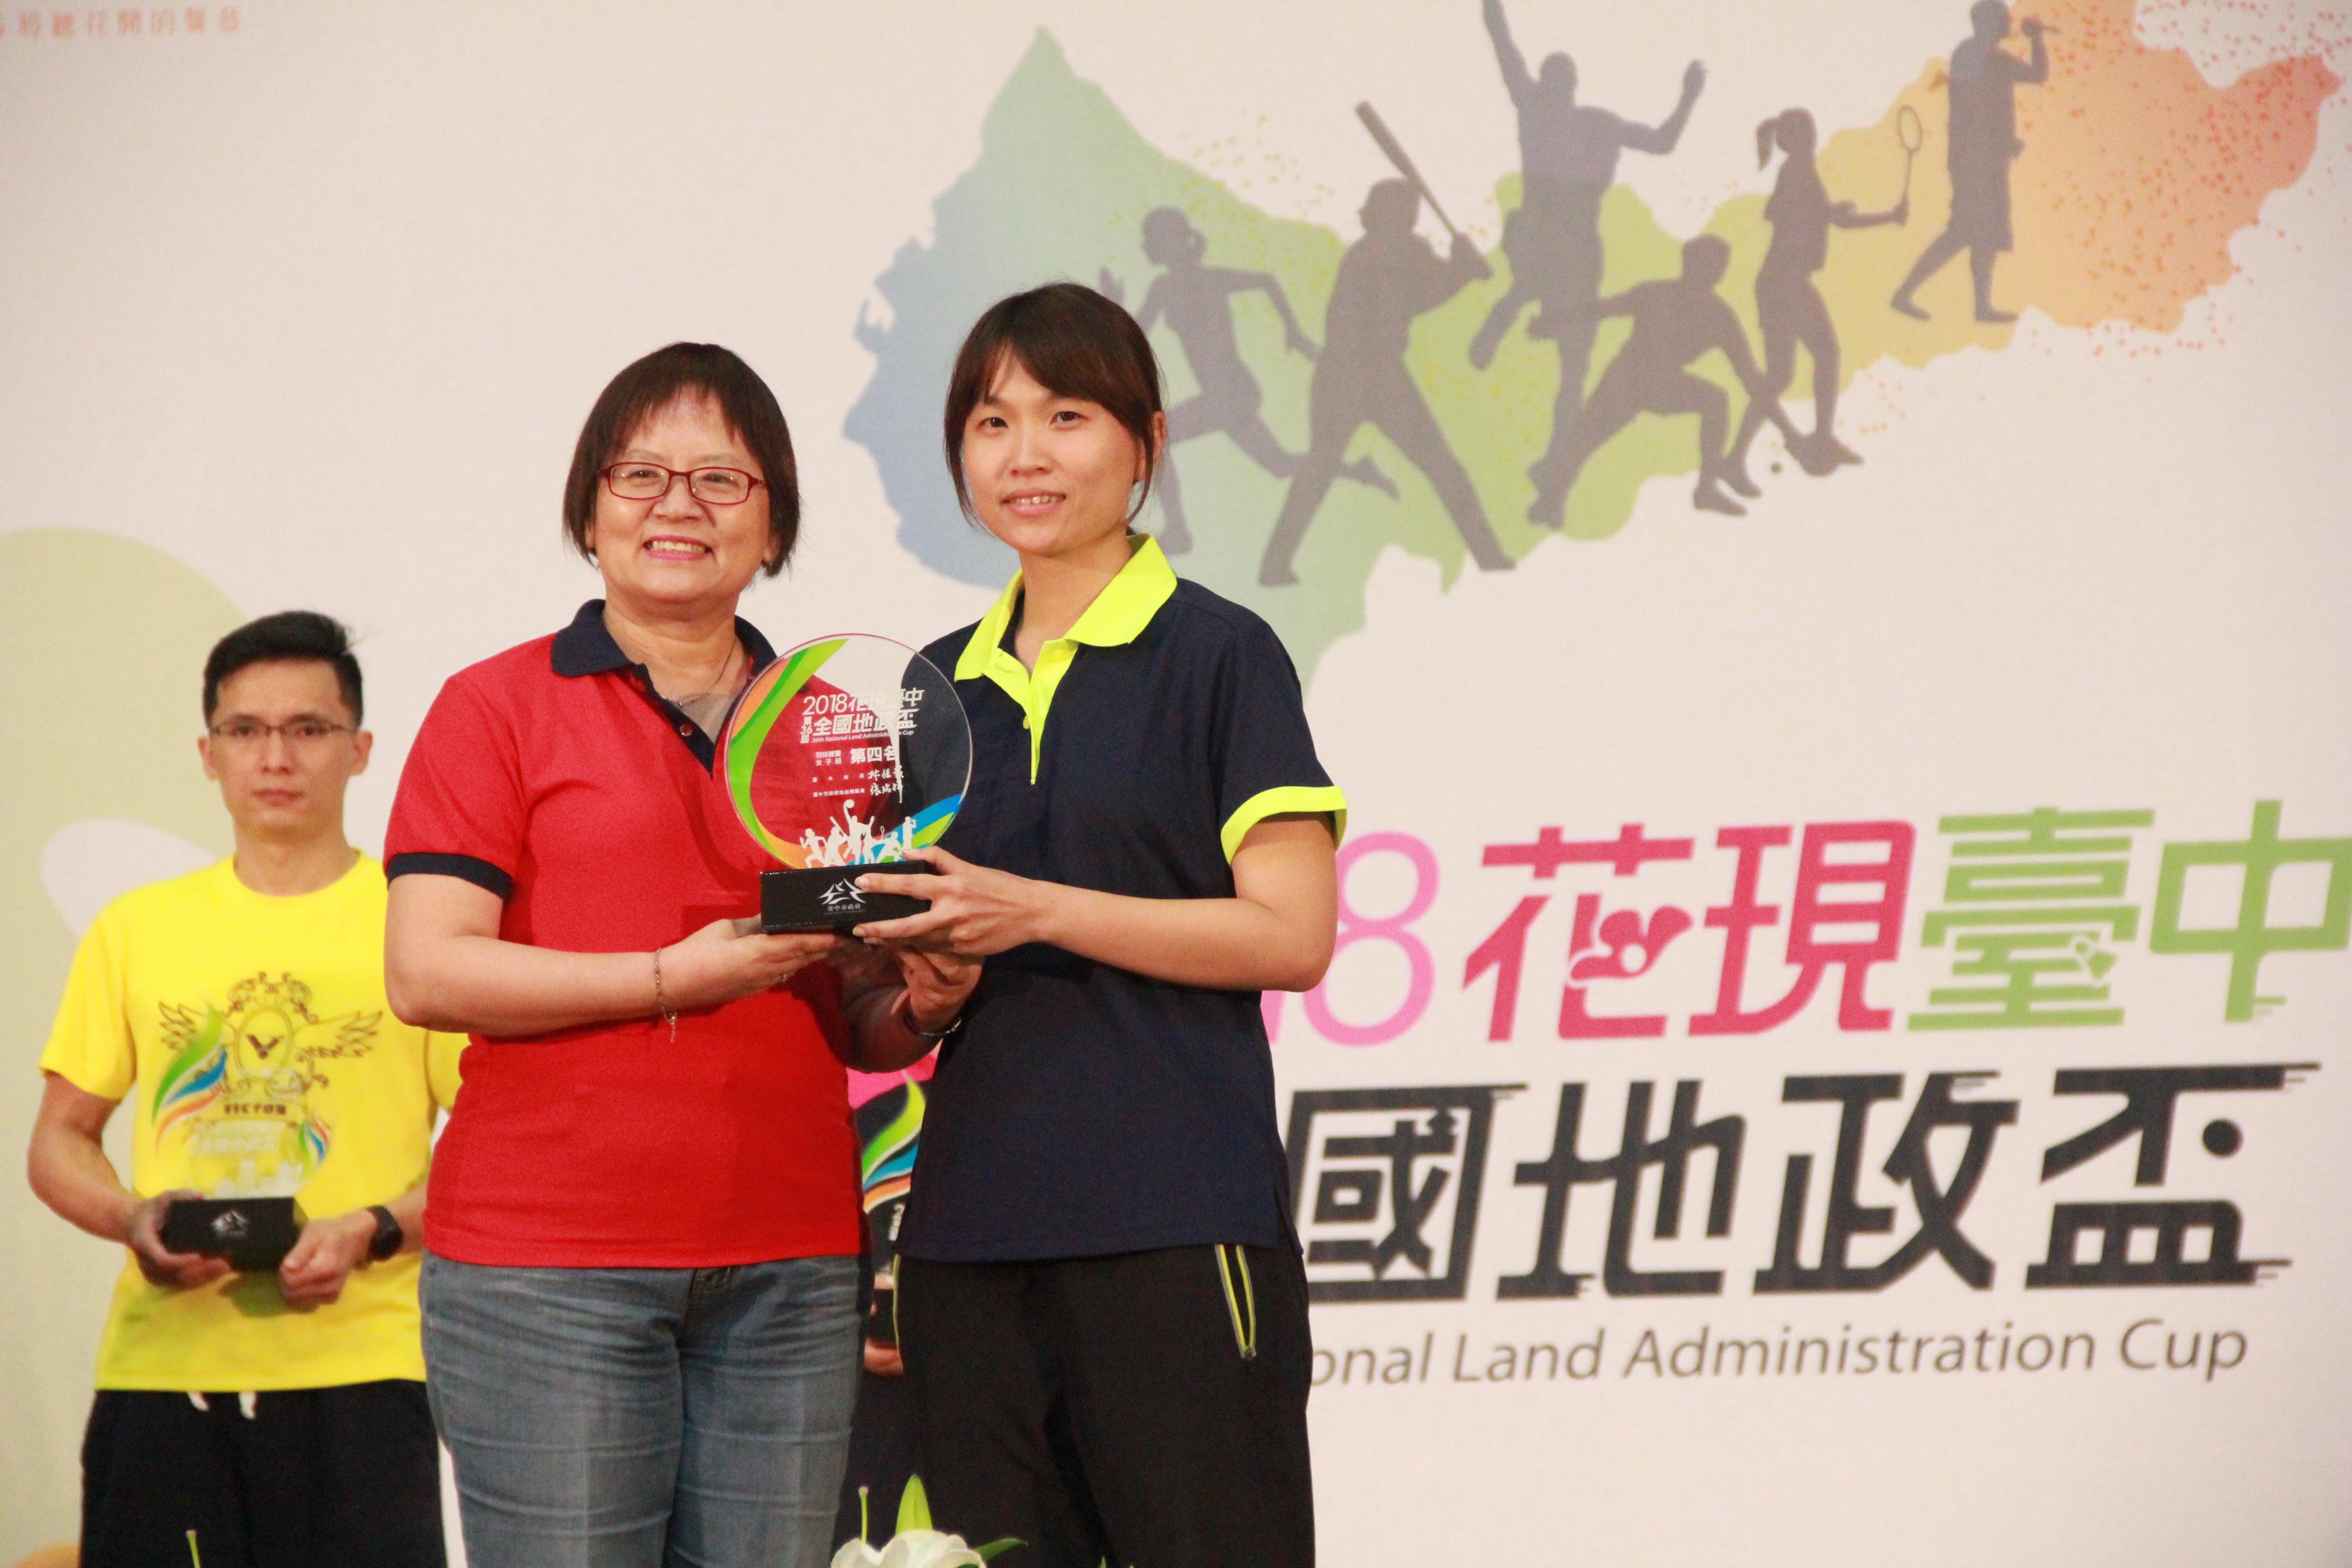 羽球女子組榮獲第4名本中心簡秀羽代表領獎